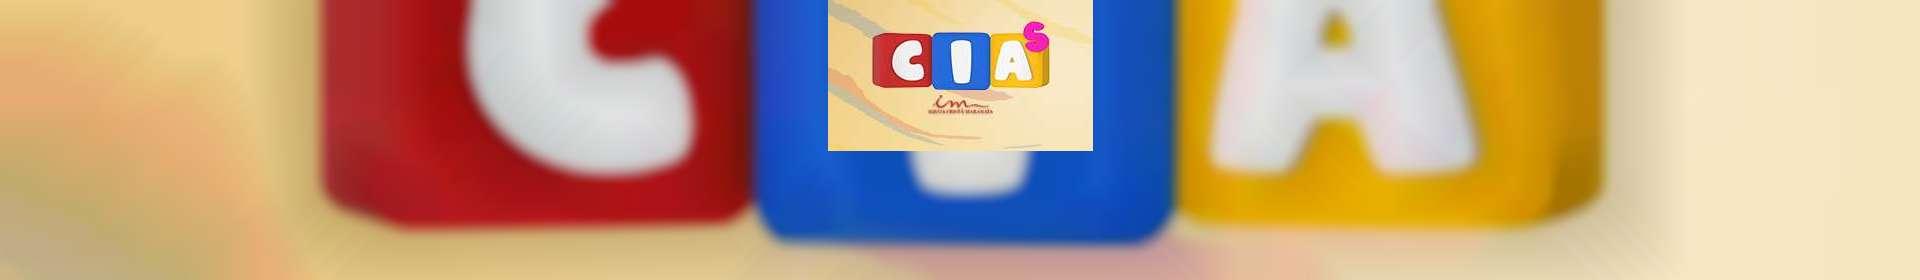 Aula de CIAS: classe de 11 a 15 anos - 23 de abril de 2020